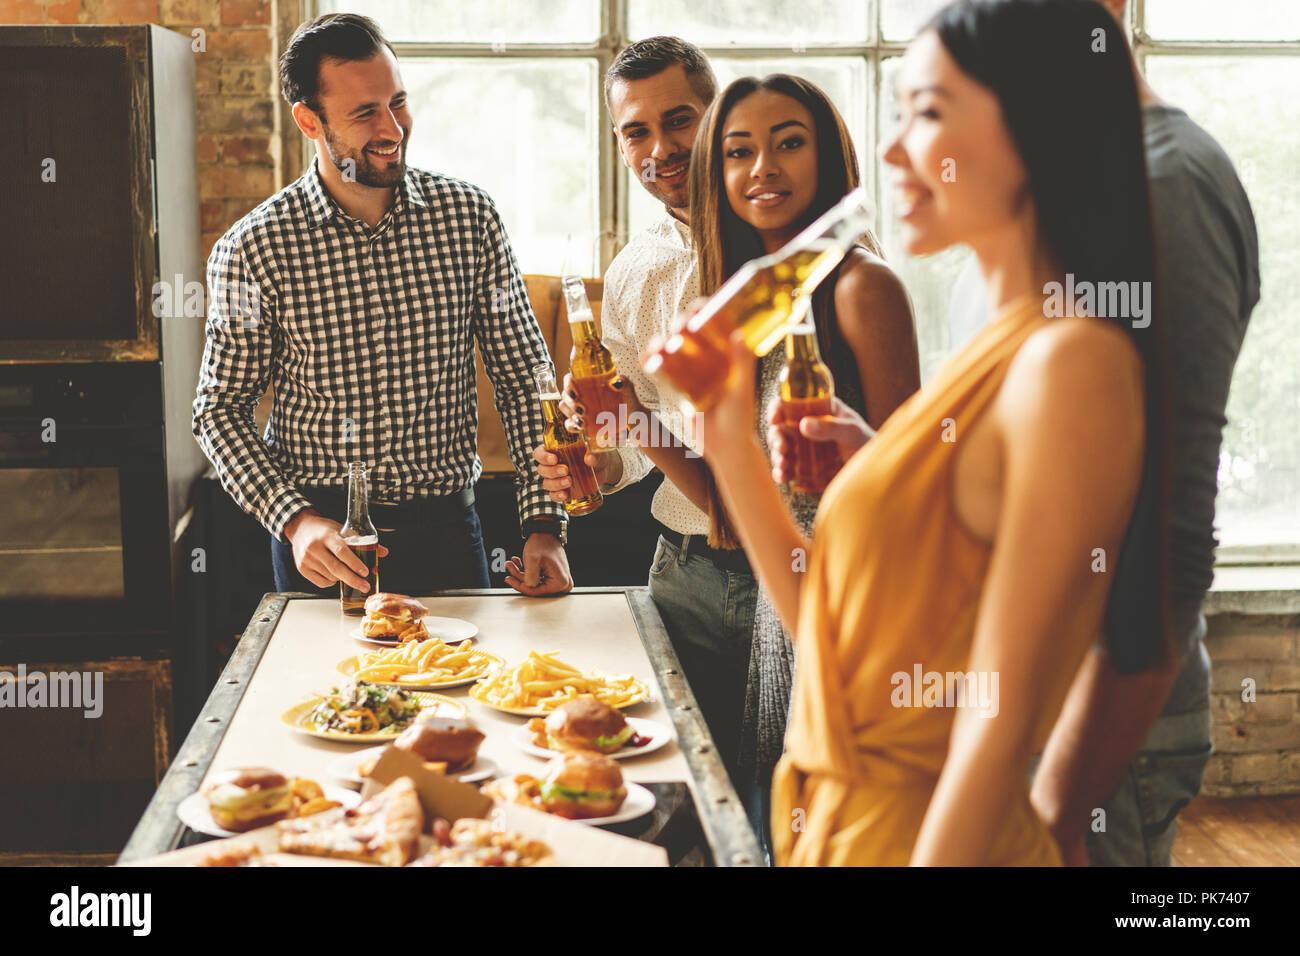 Home party. Toute la longueur de cheerful young people enjoying home party lors de la communication et de manger des collations sur la cuisine. Photo Stock